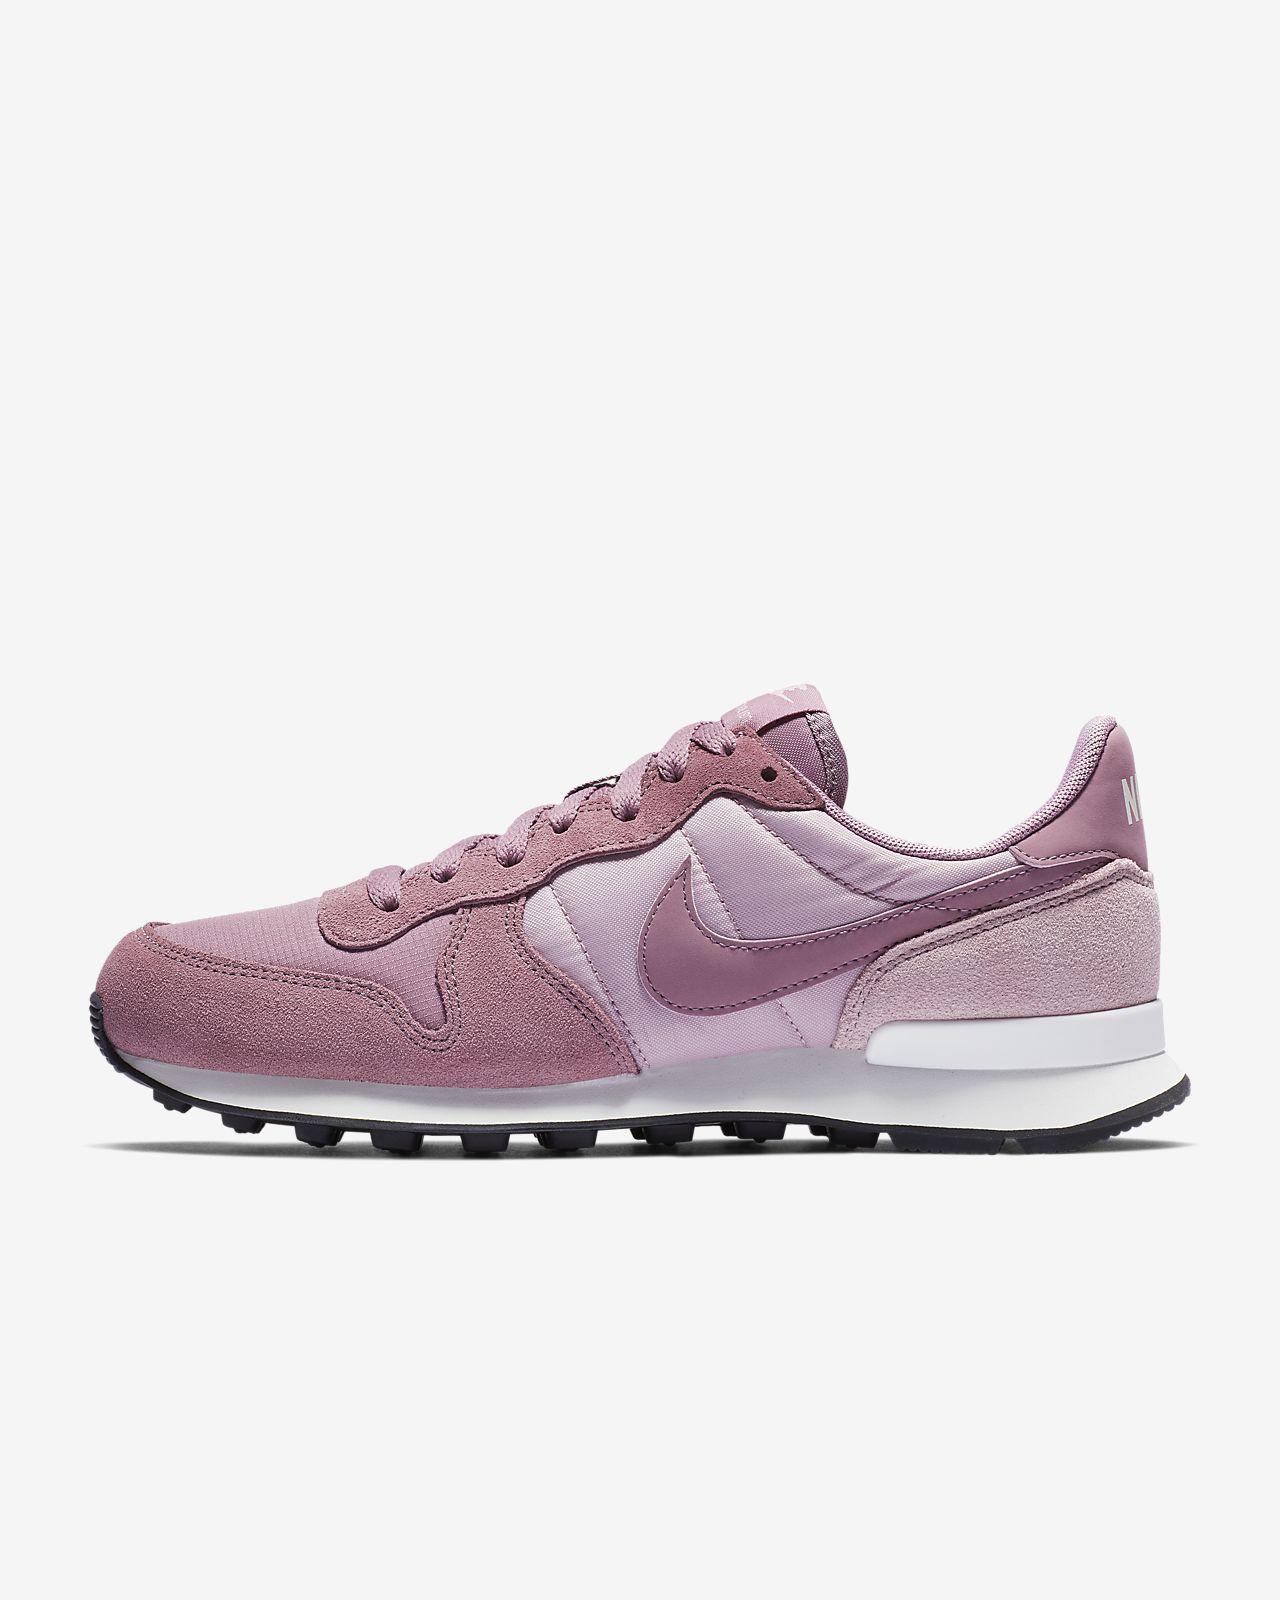 Internationalist Női Internationalist CipőHu CipőHu Nike Nike CipőHu Nike Női Női Internationalist kTOuPXiwZ